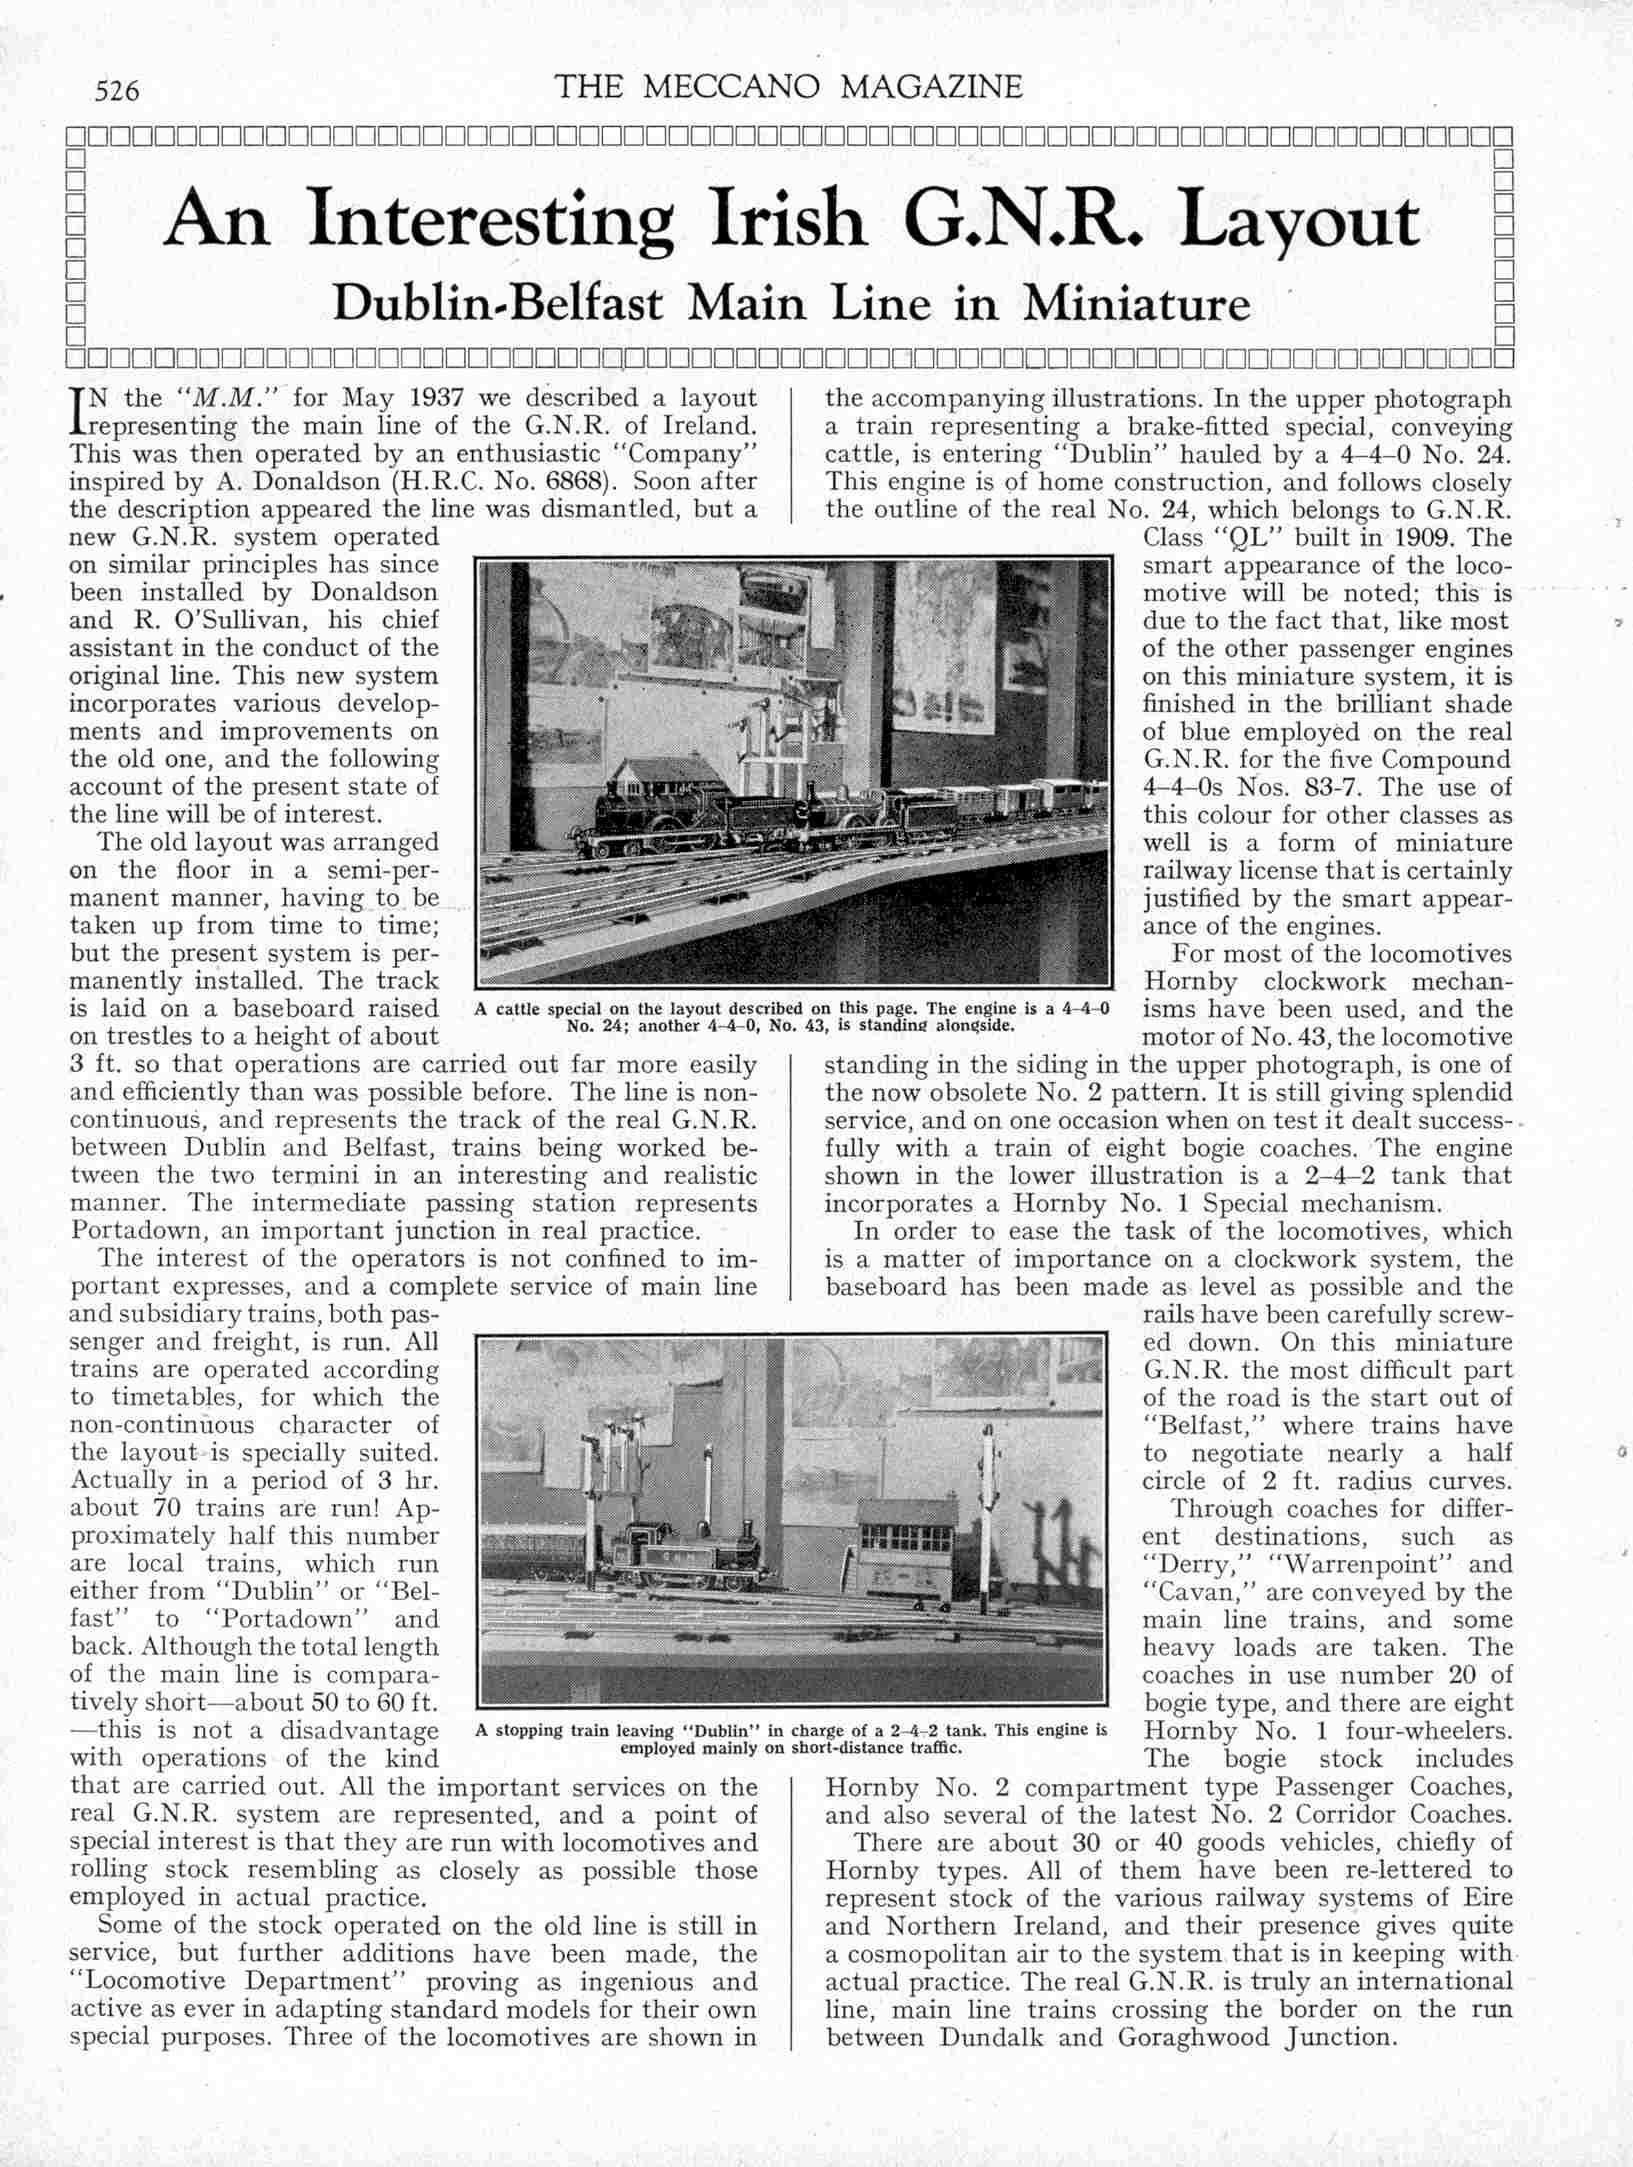 UK Meccano Magazine September 1938 Page 526